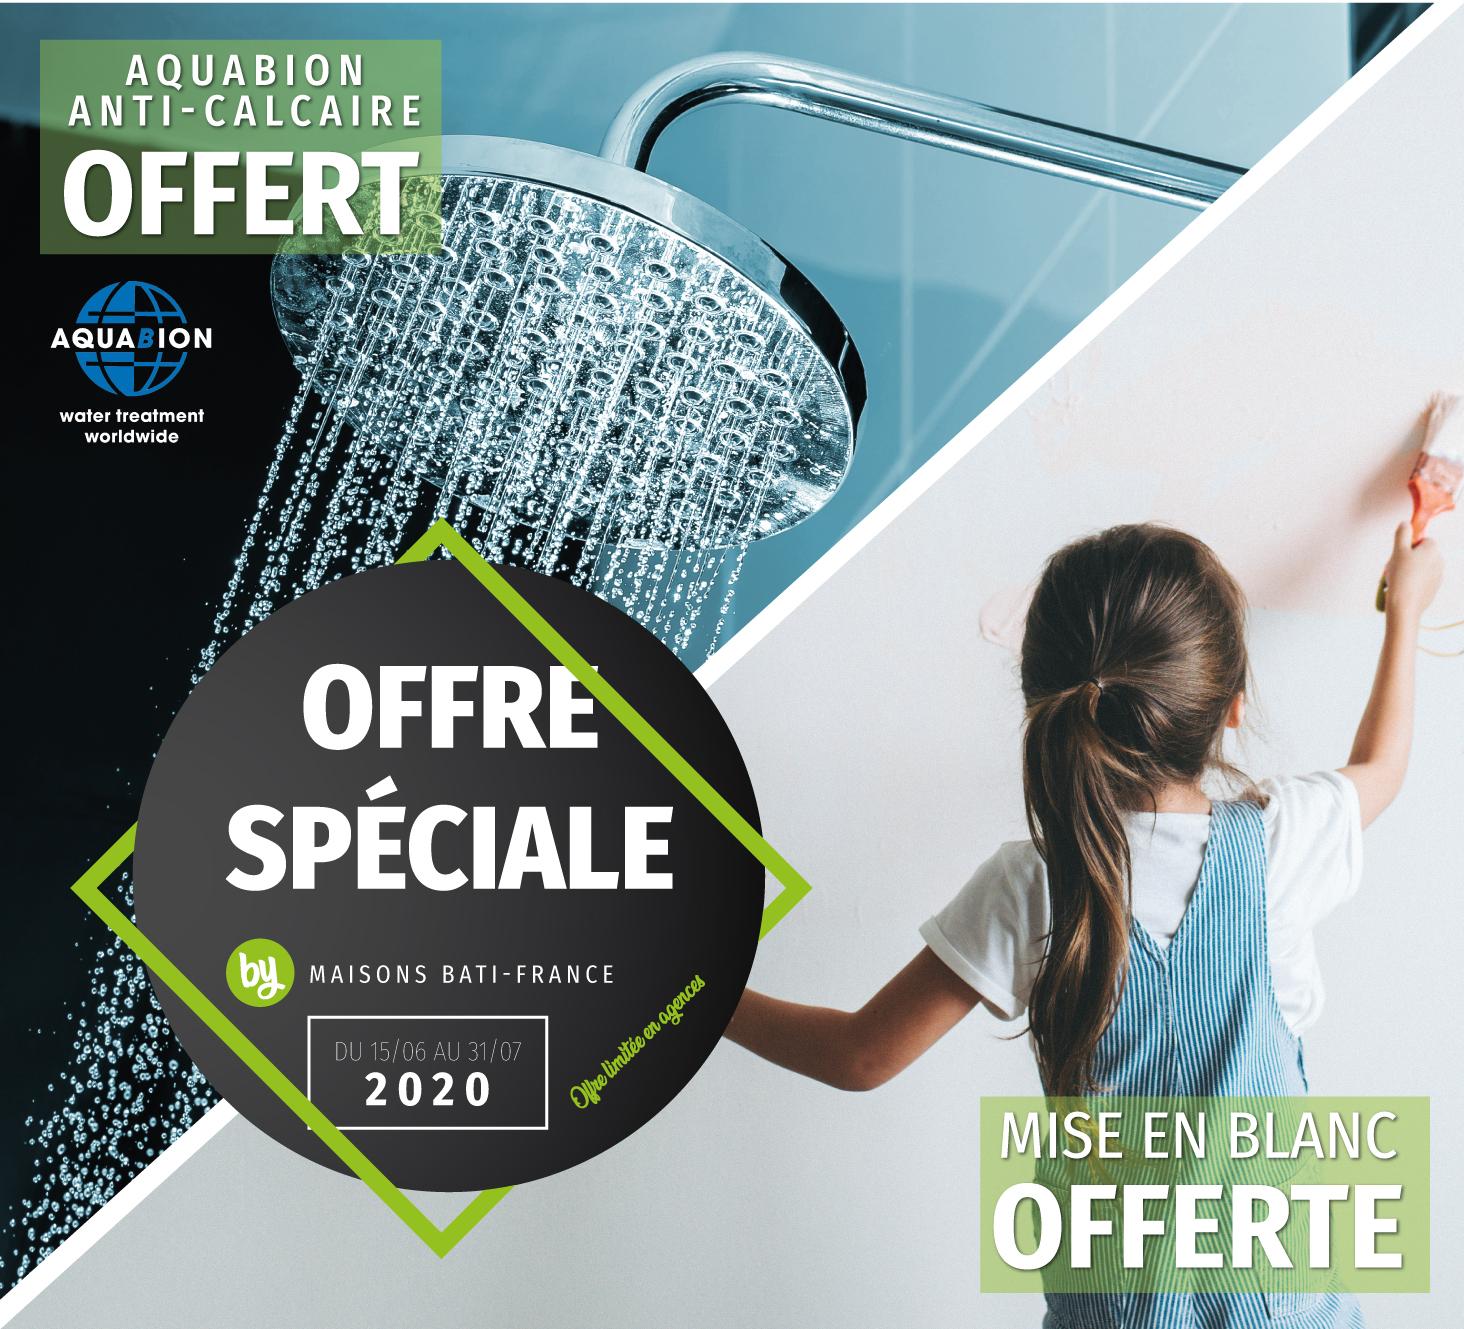 Mise en blanc + Anti-calcaire Aquabion offerts pour 1 € de plus par Maisons Bati-France